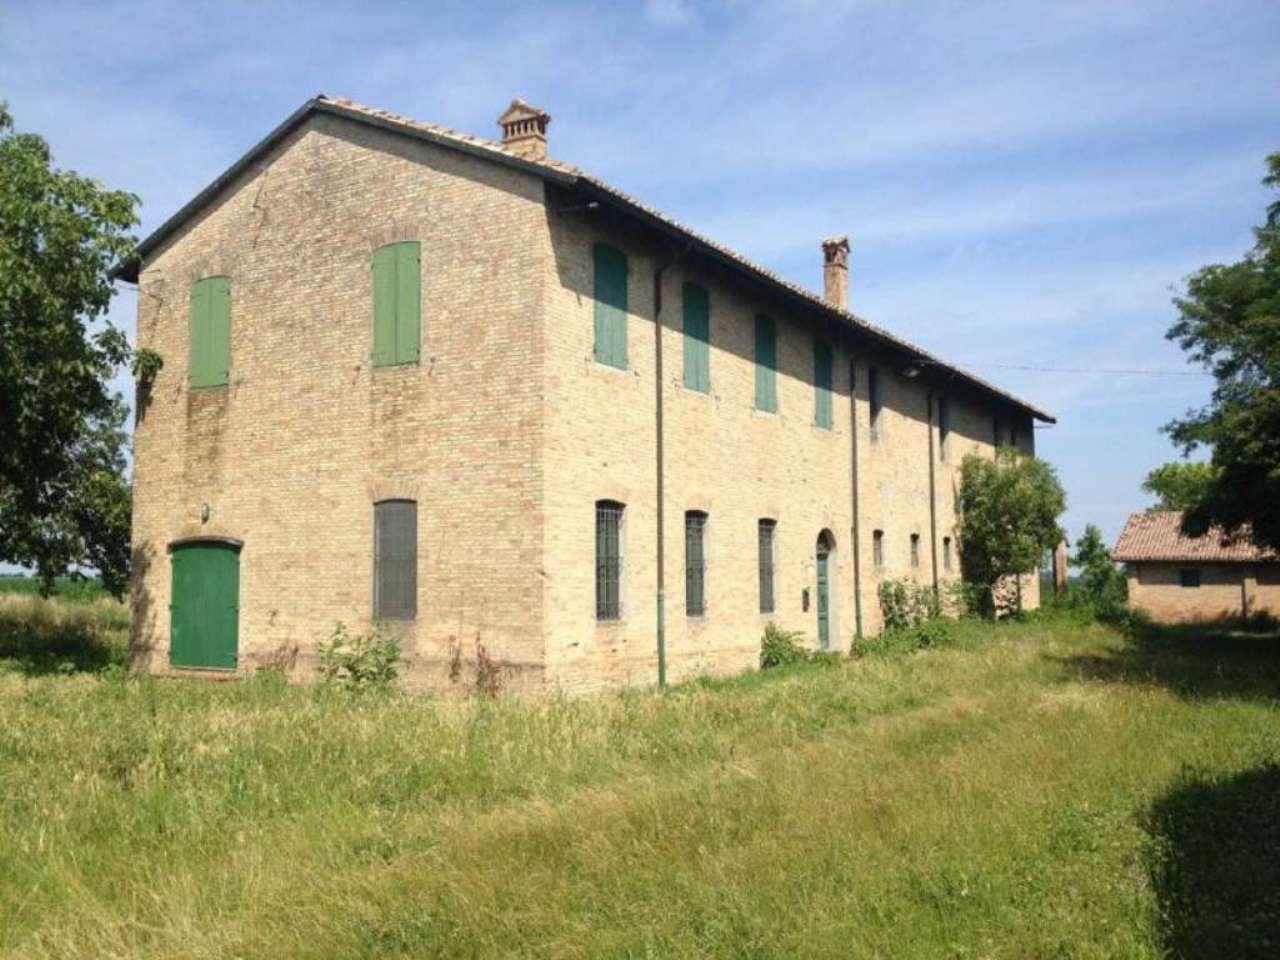 Villa in Vendita a Ravenna Periferia Nord: 5 locali, 910 mq